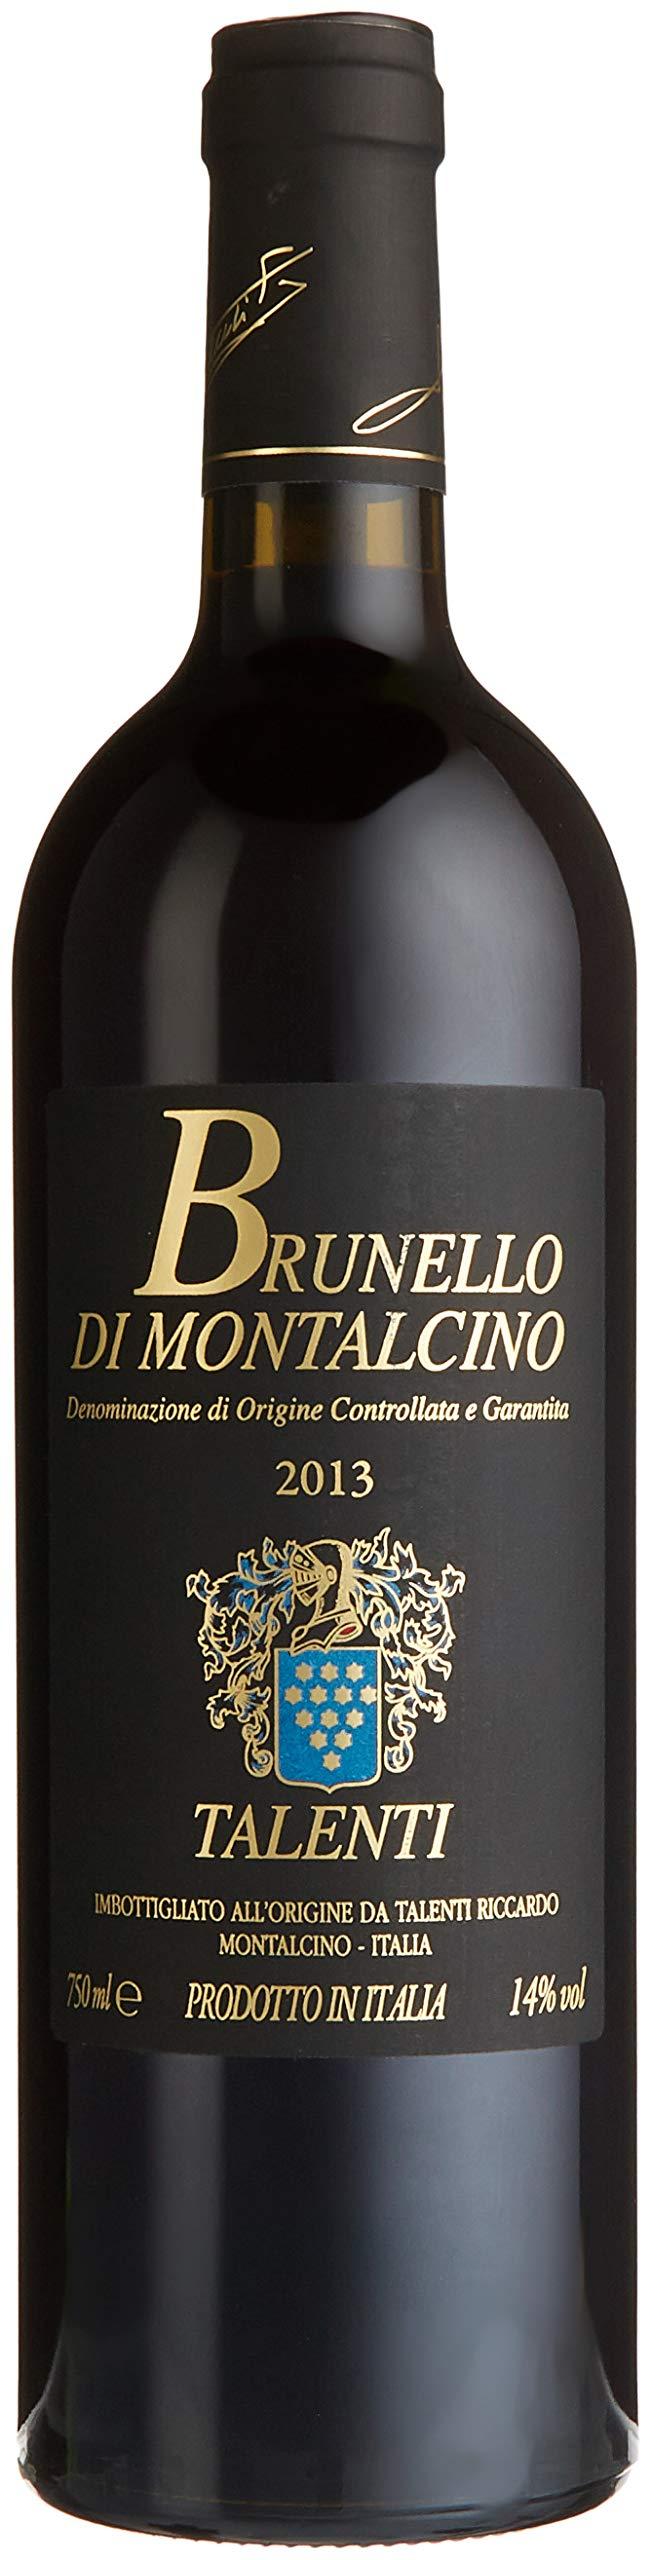 Talenti-Brunello-di-Montalcino-DOCG-Sangiovese-2013-075-l